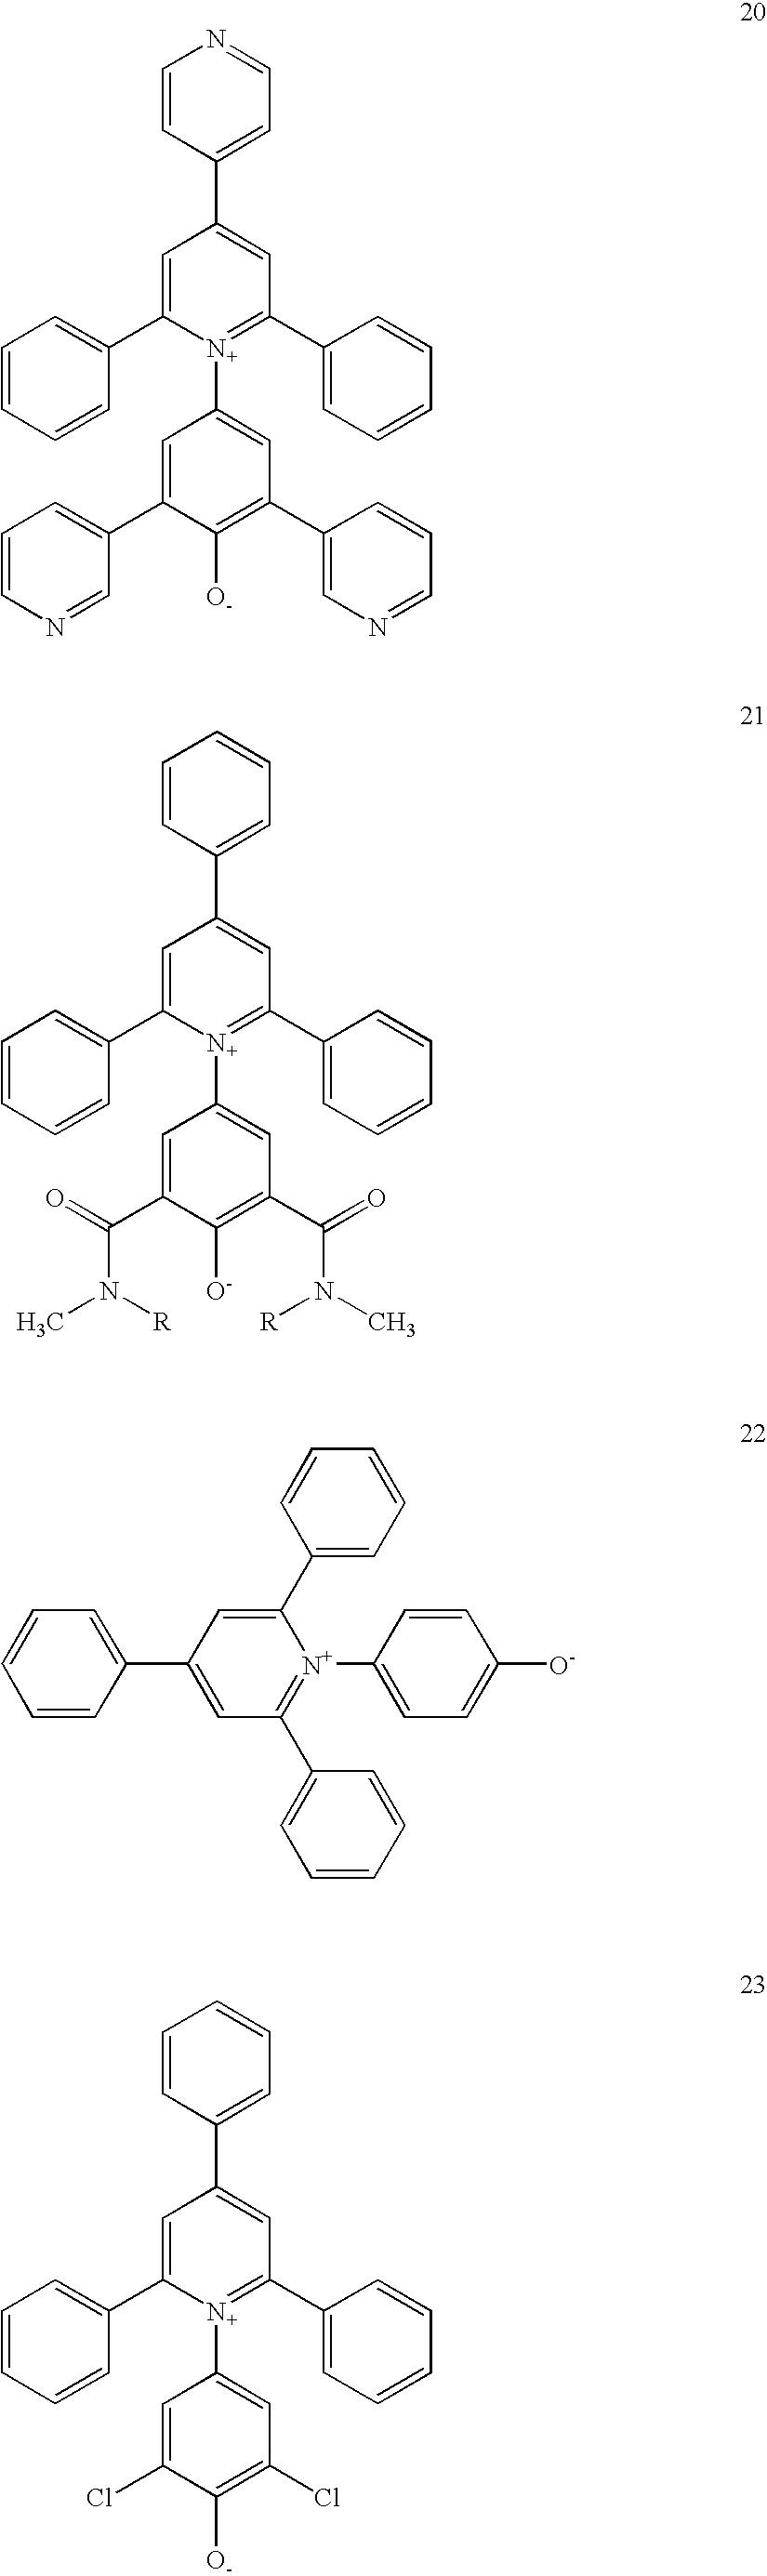 Figure US20080057533A1-20080306-C00014